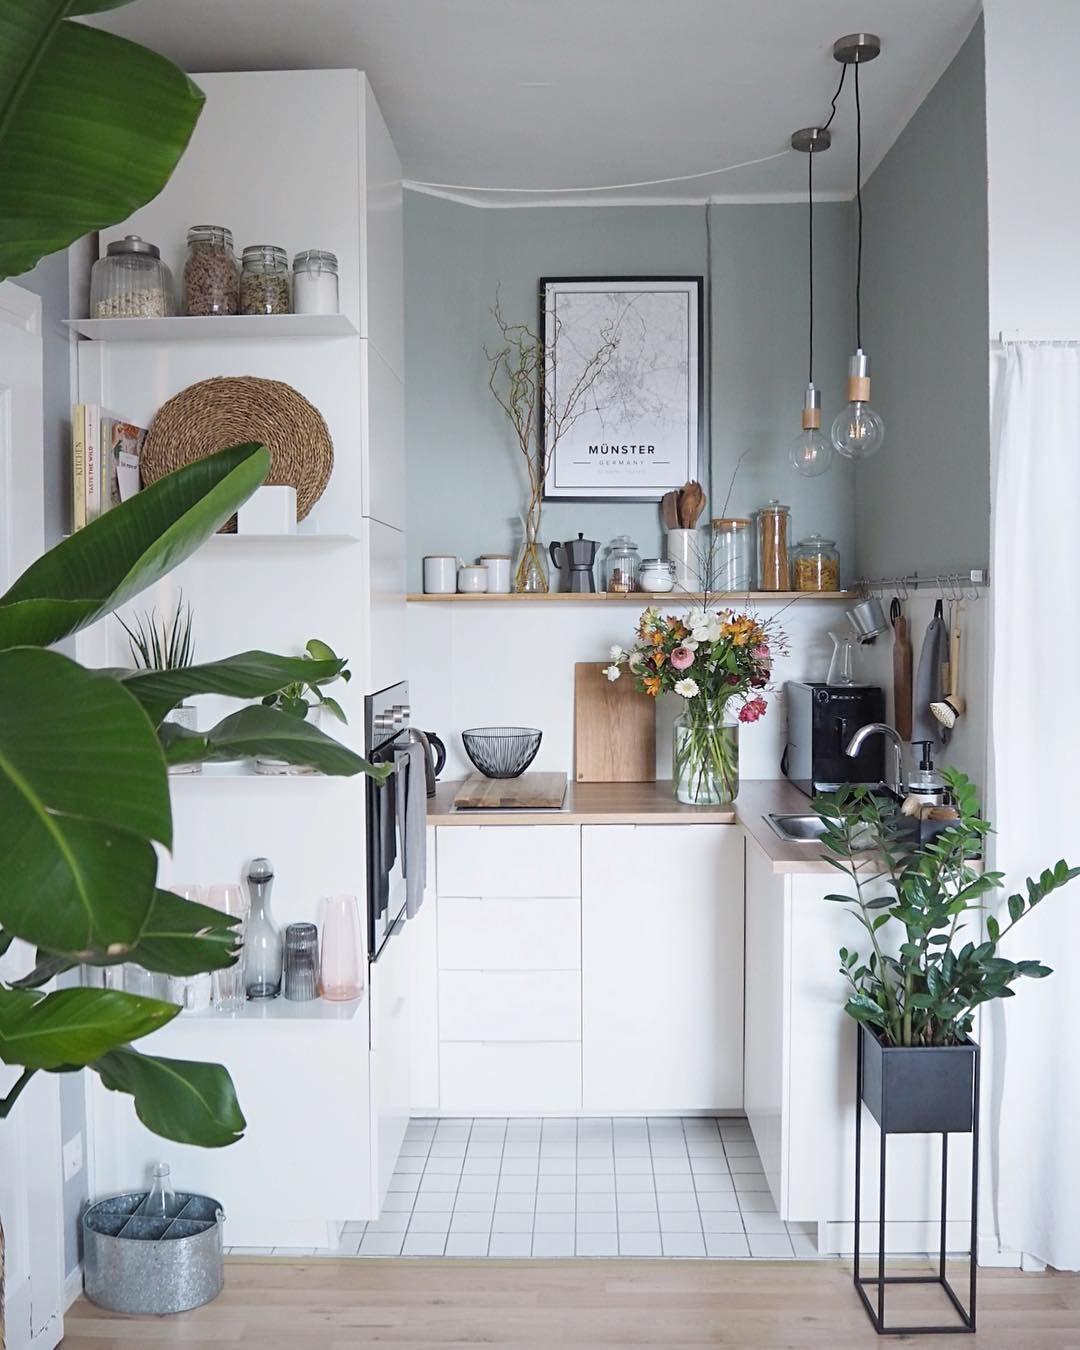 Photo of Küchenmöbel bei Platzproblemen – Wohnklamotte